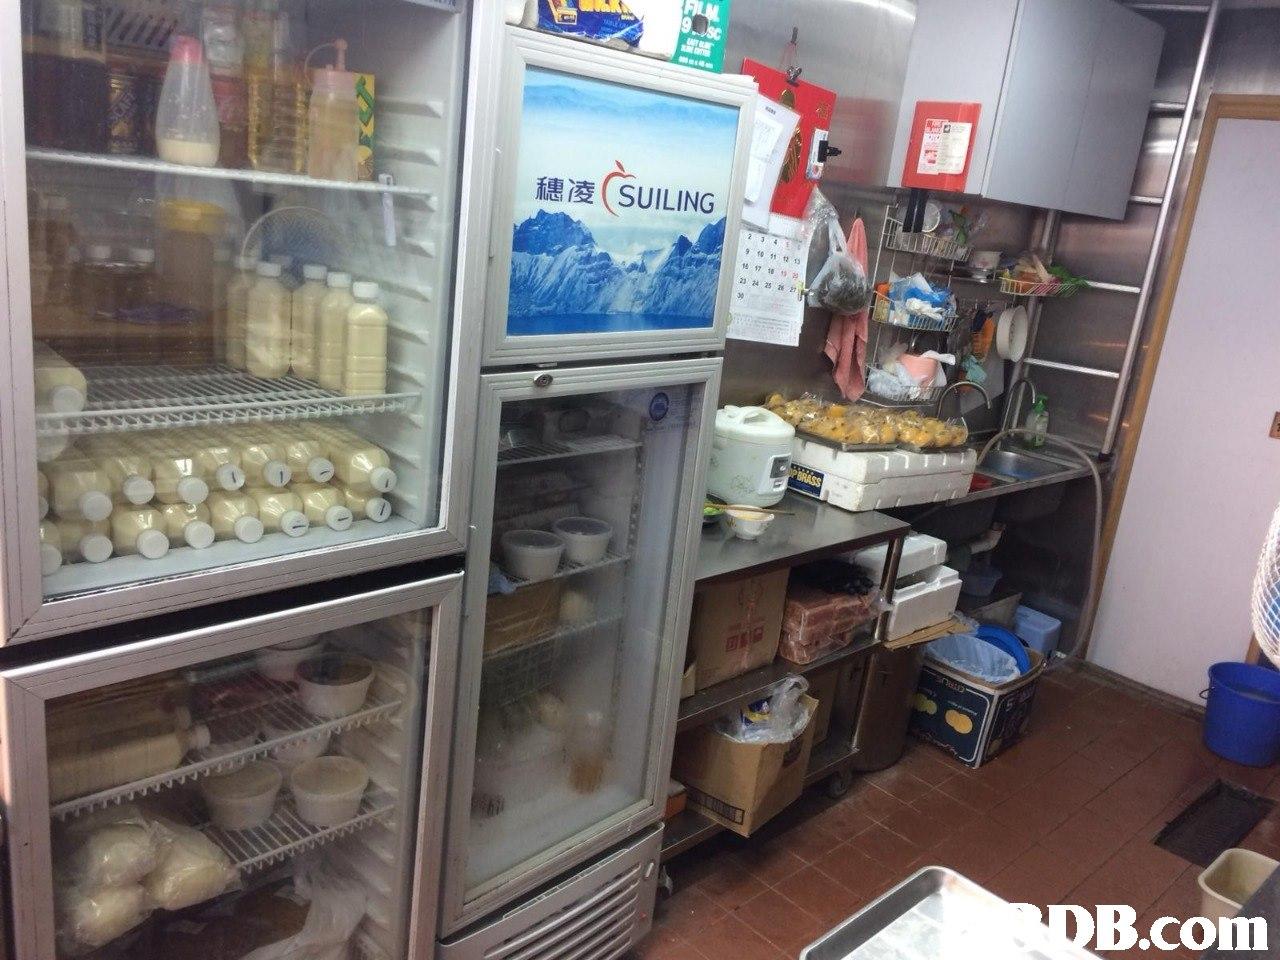 穗凌( SUILING . 17181929 232425 27 30 B.com  Refrigerator,Frozen food,Kitchen appliance,Bakery,